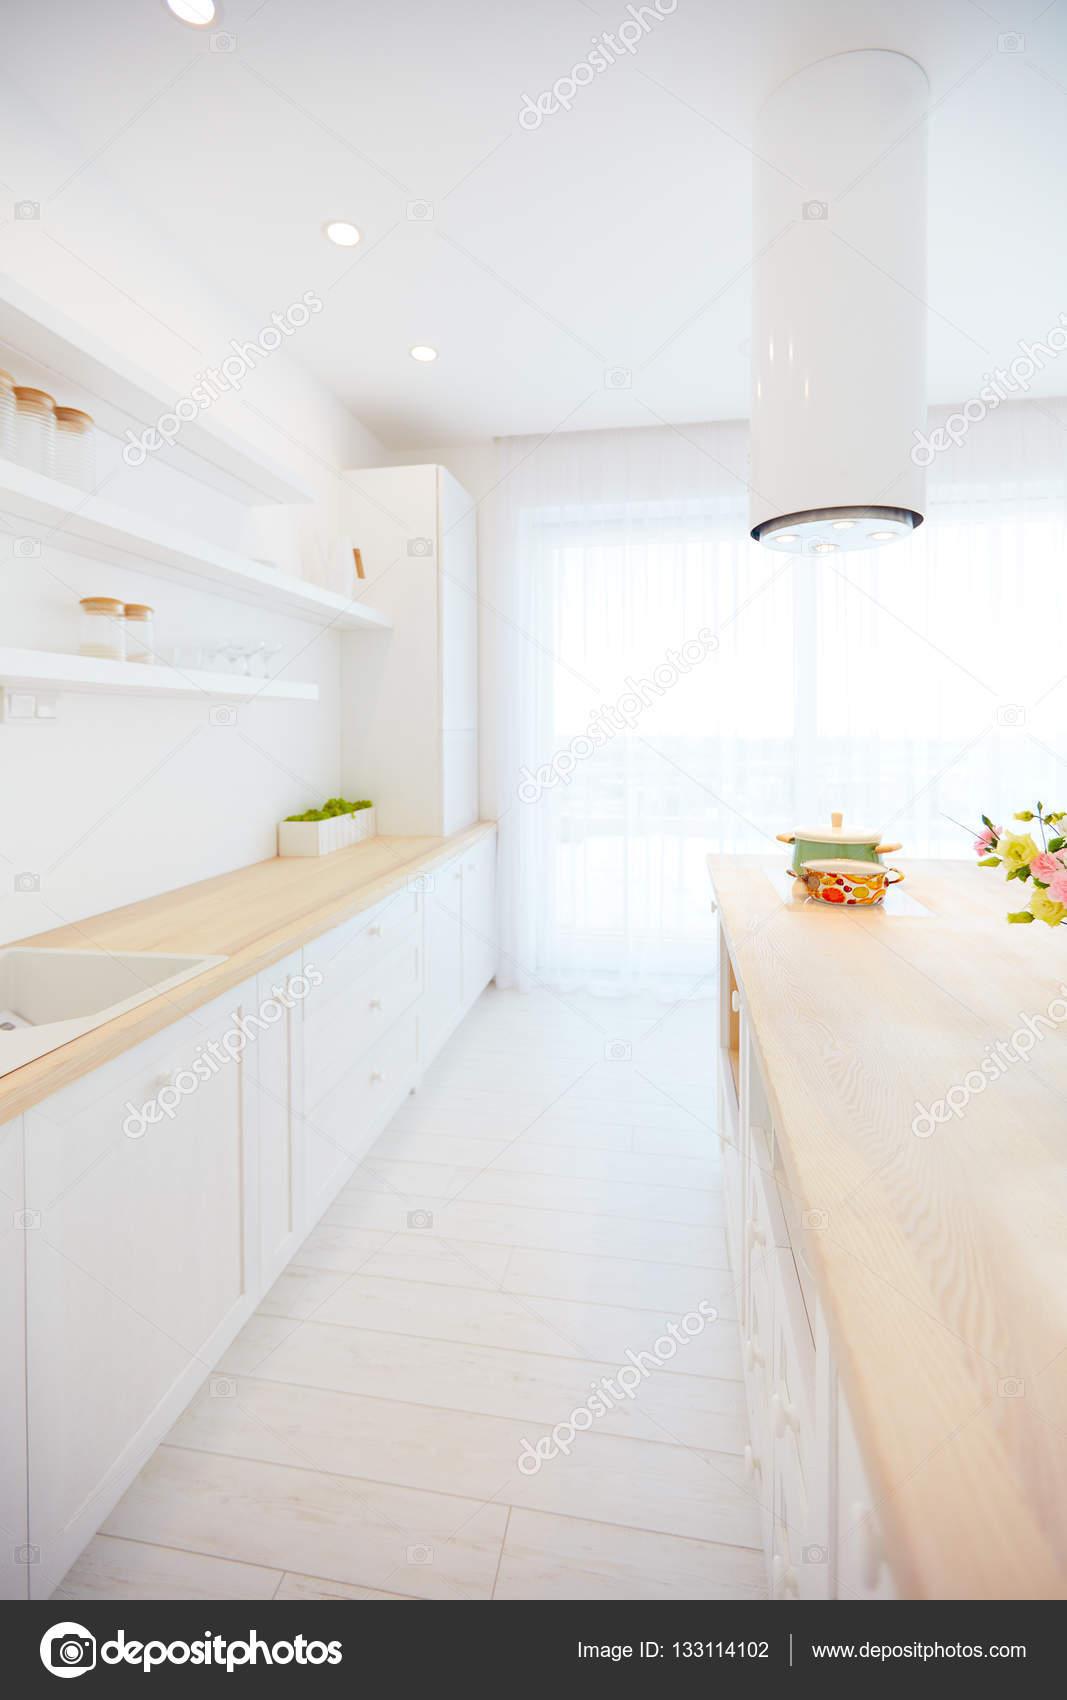 rolling island kitchen kid kitchens 白色木制厨房同岛抽油烟机和悬挂式货架 图库照片 c olesiabilkei 133114102